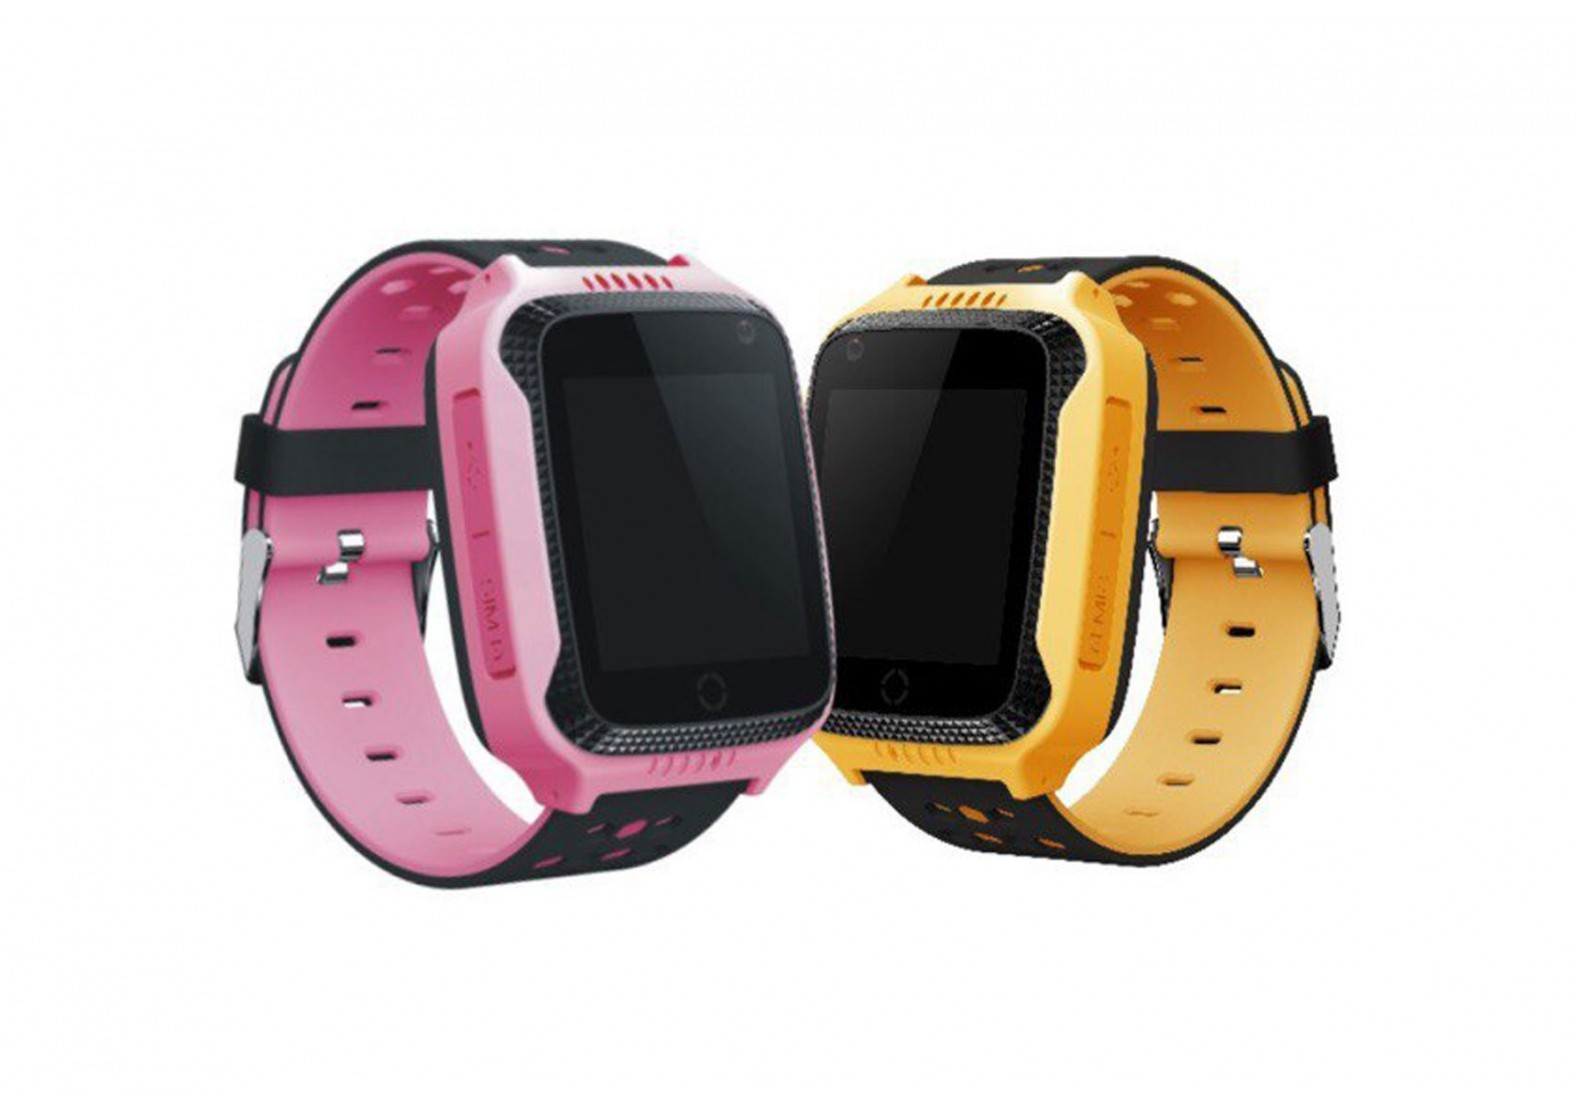 Умные часы и браслеты Детские часы с GPS-трекером T7 (gm 11) gps_watch_Q528-1576x1110.jpg